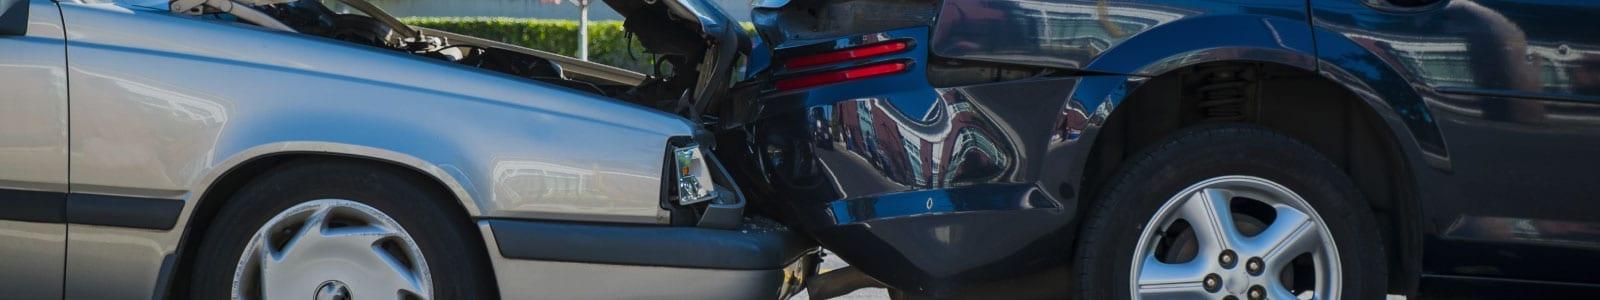 Rear End Accident in Phoenix - Nuñez & Associates Law Firm